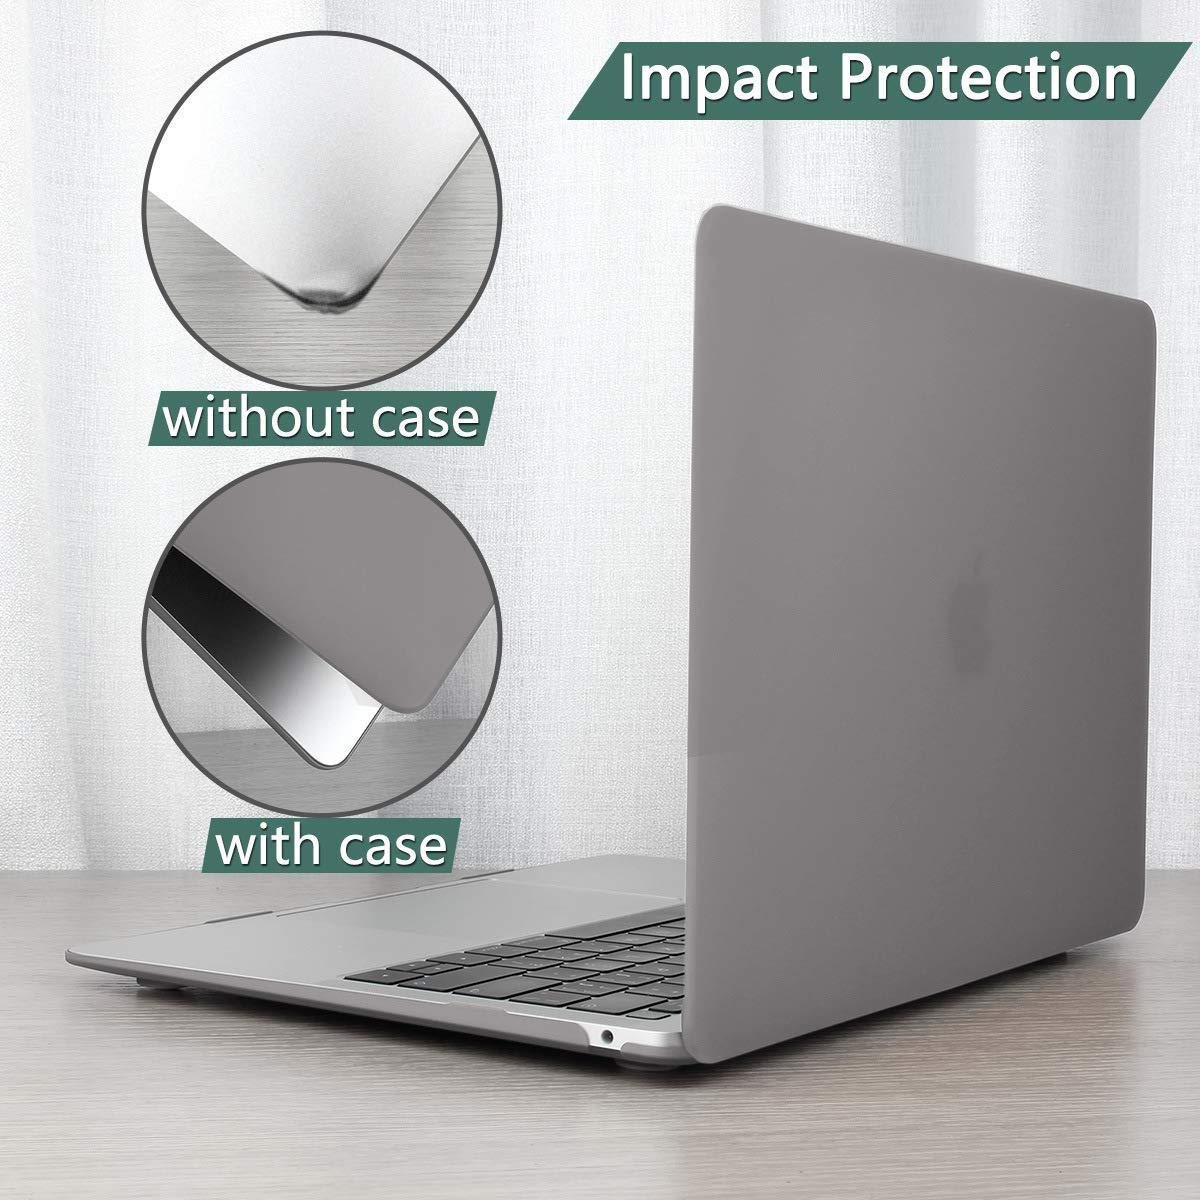 Bleu Marin Batianda Coque MacBook Pro 13 Pouces 2016 2017 4 in 1 Plastique Rigide /Étui avec Couverture de Clavier AZERTY Protecteur d/écran pour MacBook Pro 13 sans Touch Bar Mod/èle:A1708